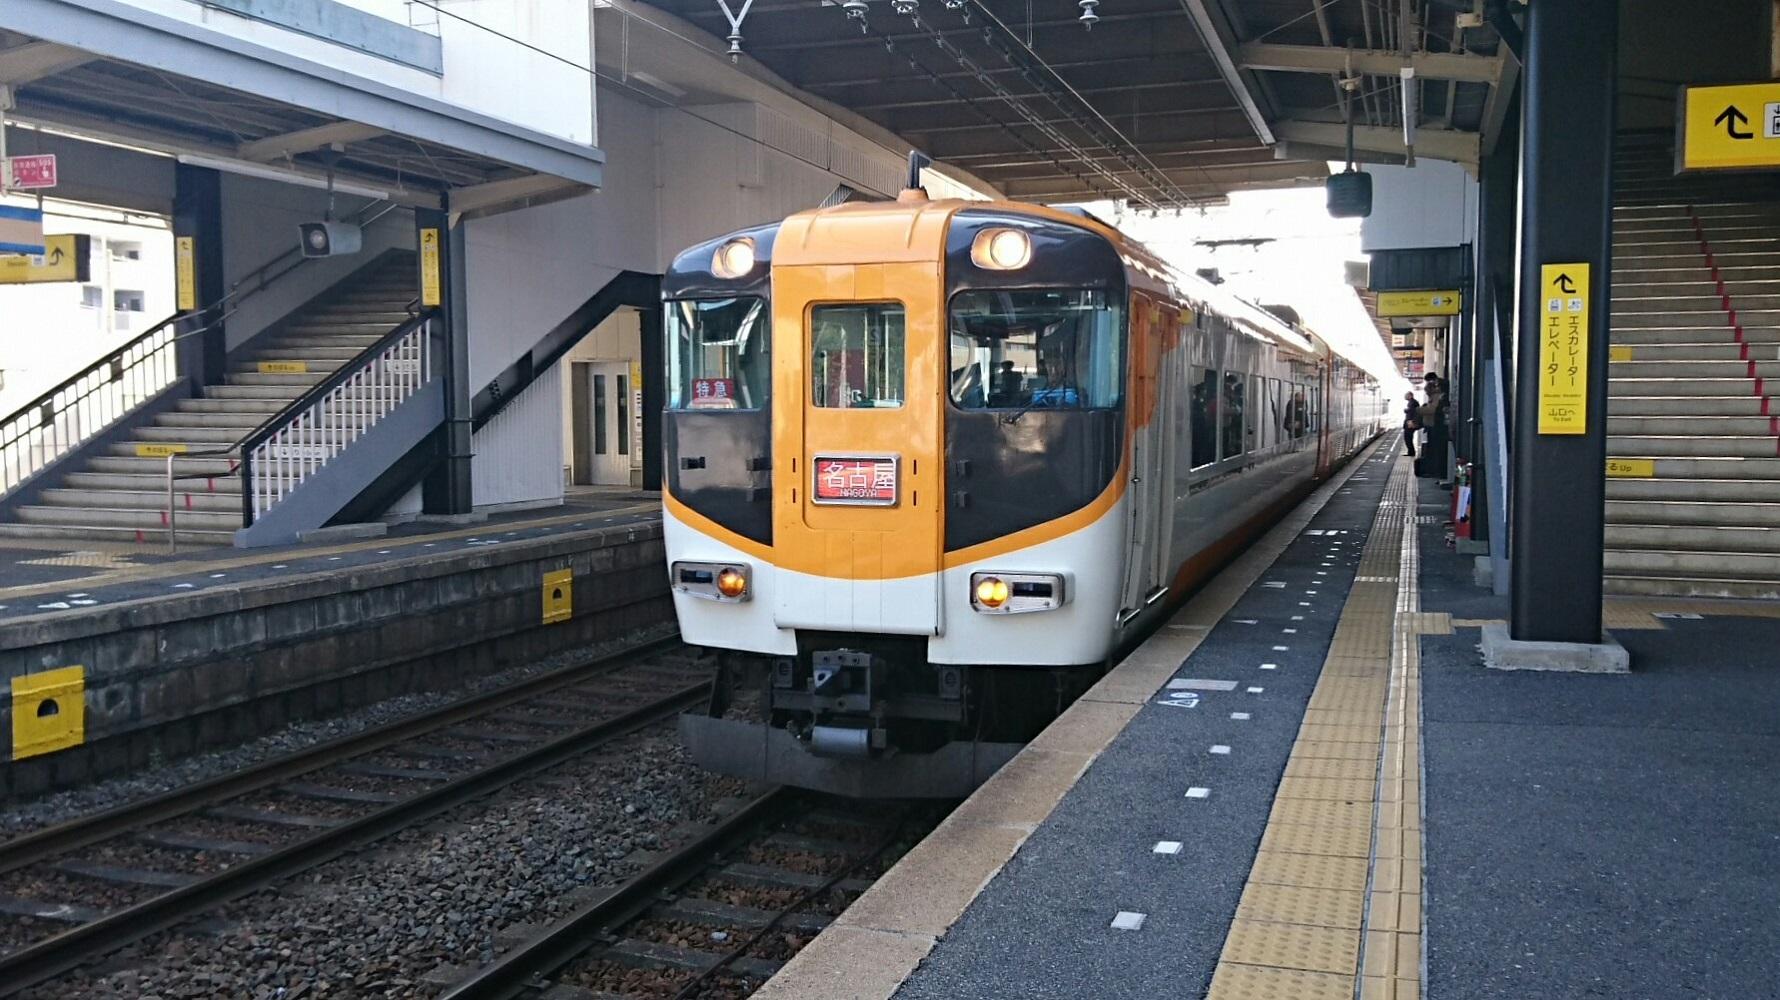 2018.3.13 白子 (73) 白子 - 名古屋いき特急 1780-1000